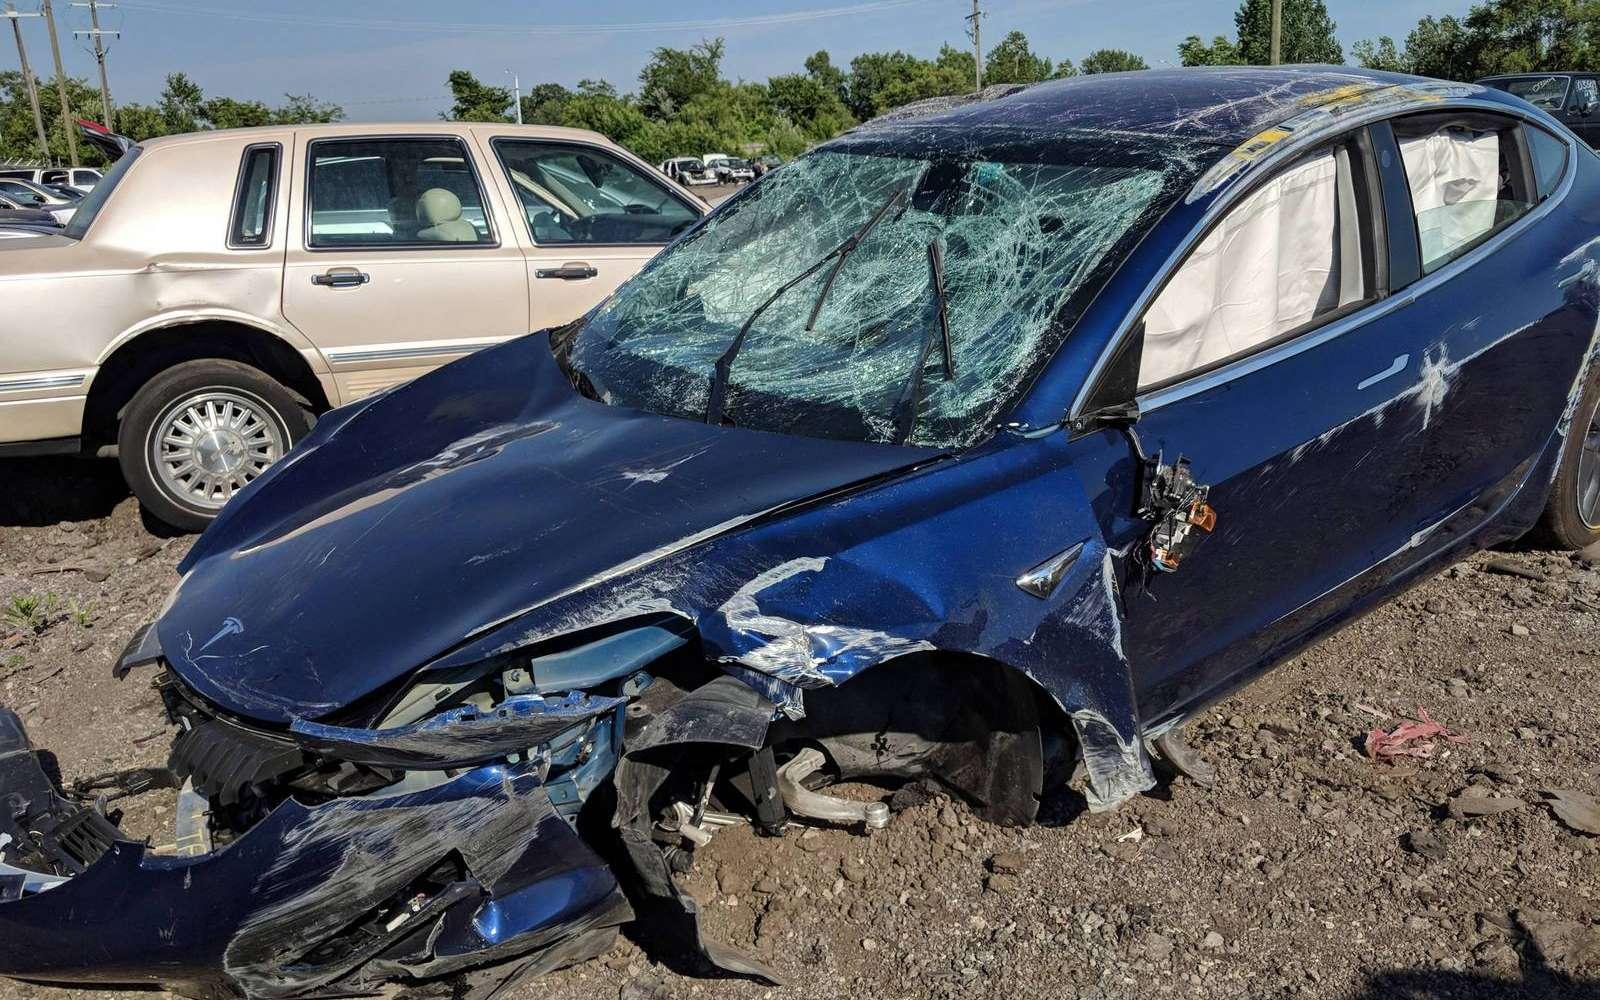 L'épave de la Tesla Model 3 après un terrible accident sur l'autoroute. La caisse a particulièrement bien résisté à plusieurs tonneaux. © StapleGun